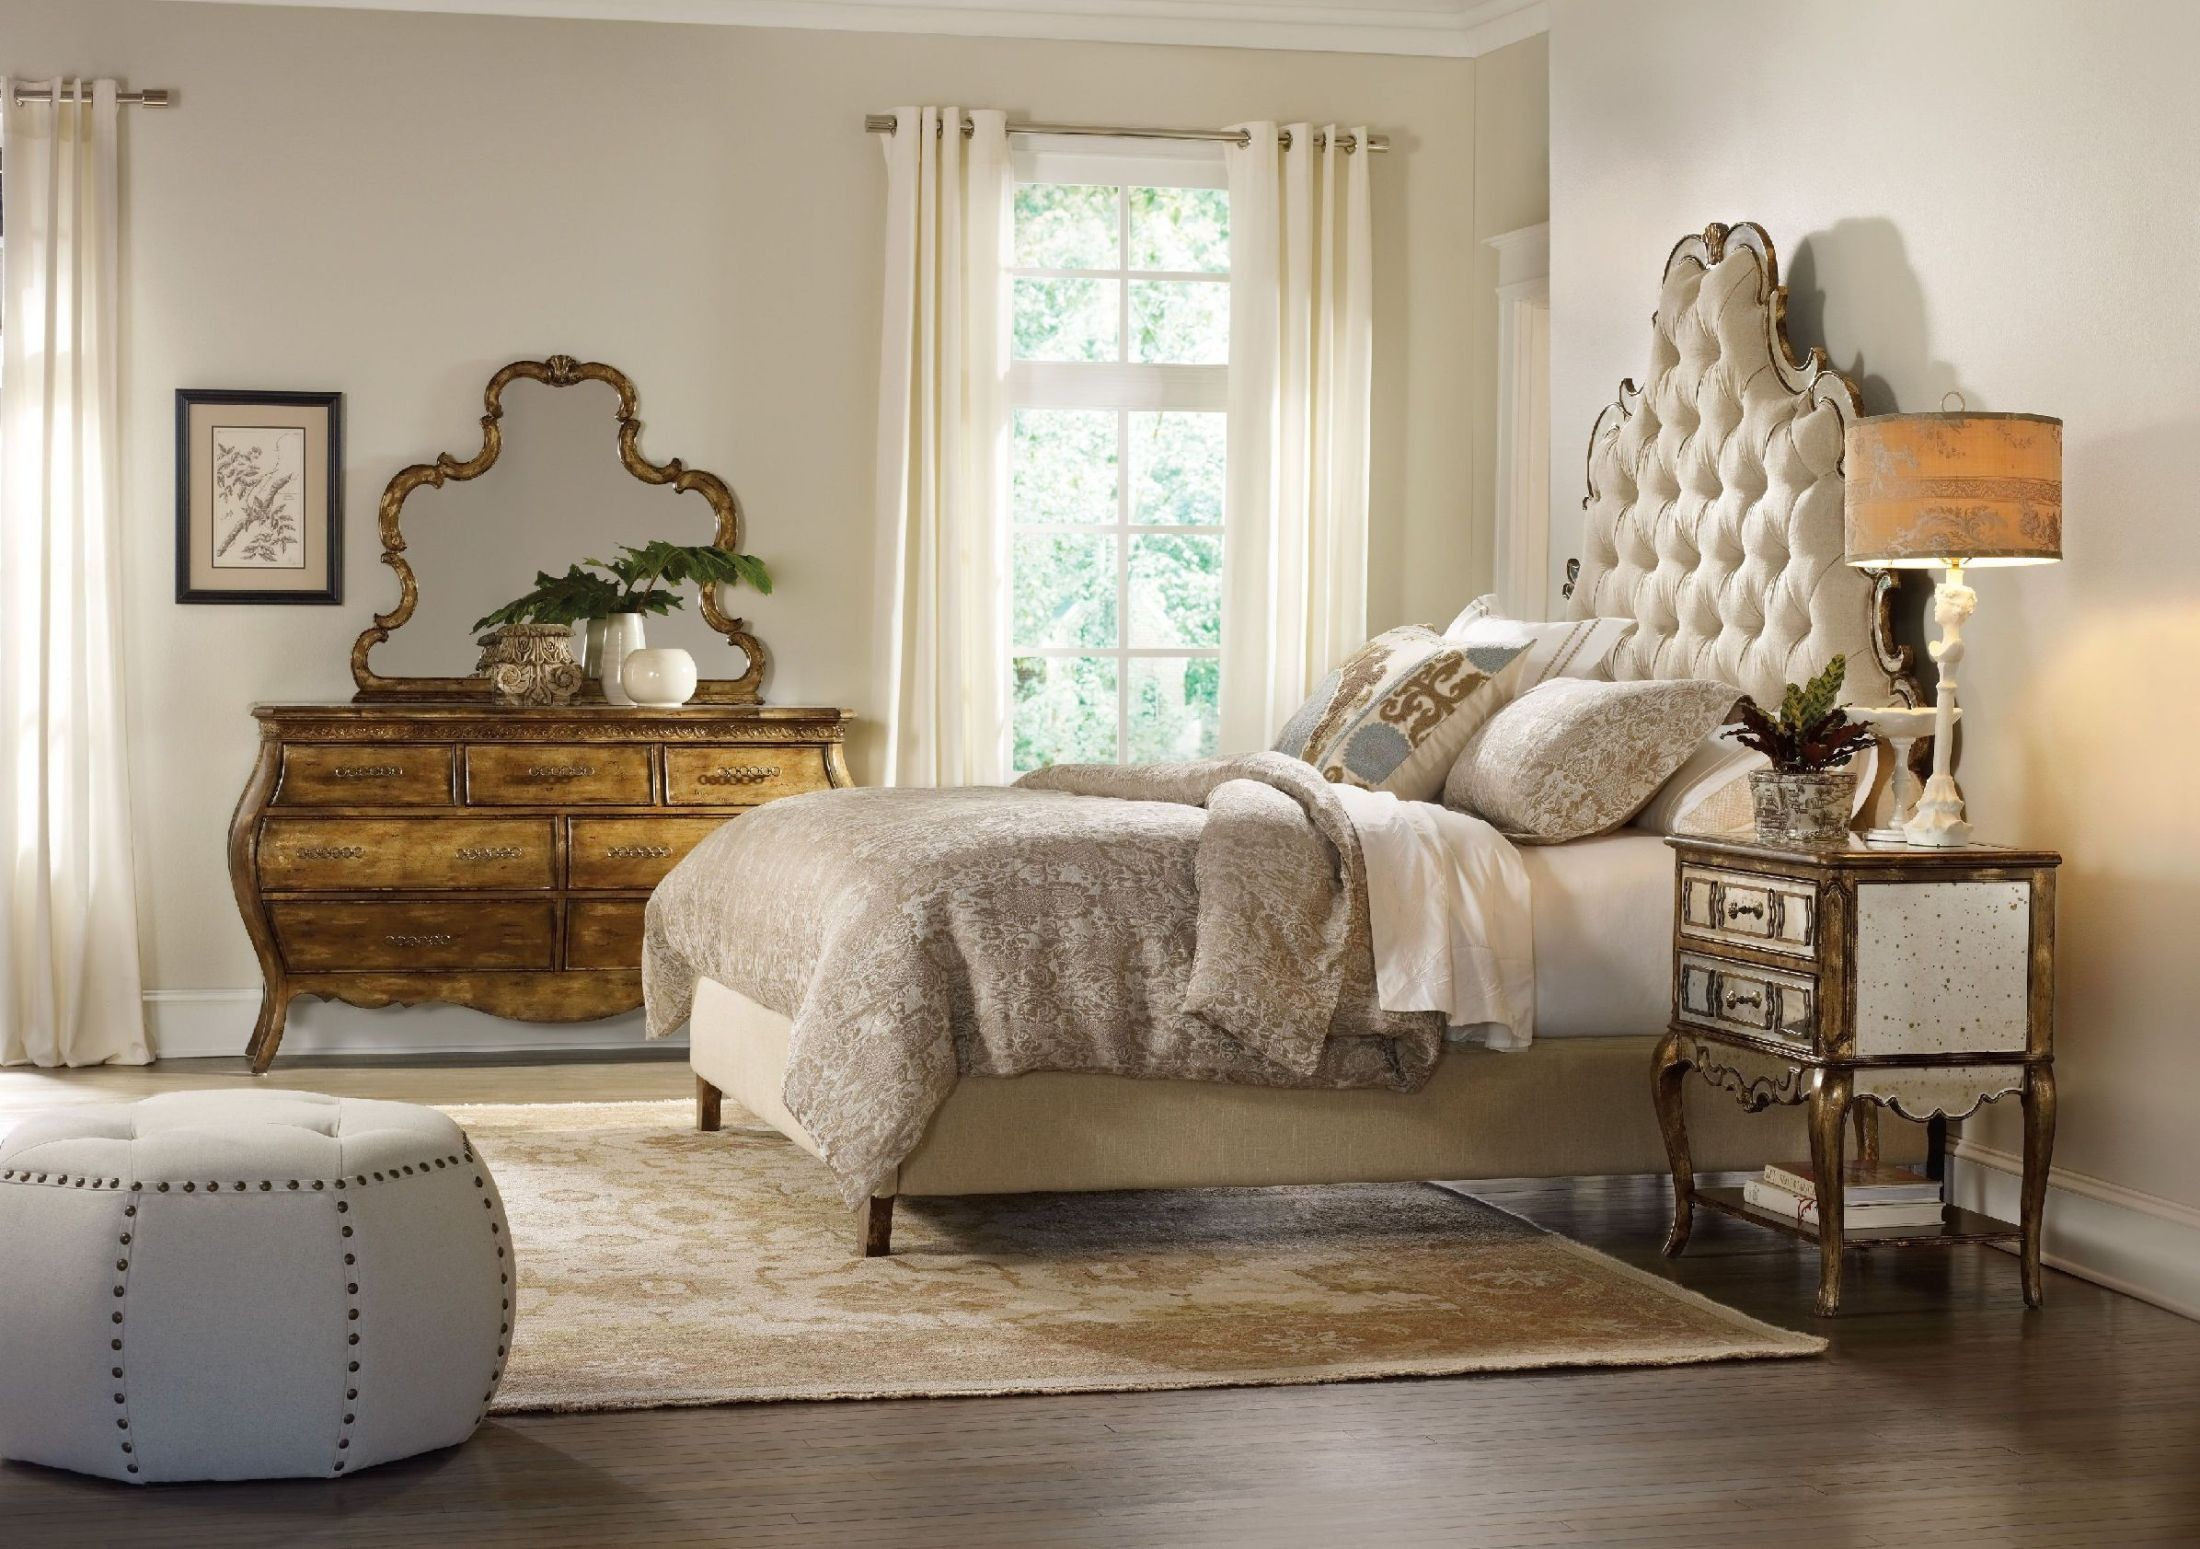 sanctuary beige bling tufted platform bedroom set from